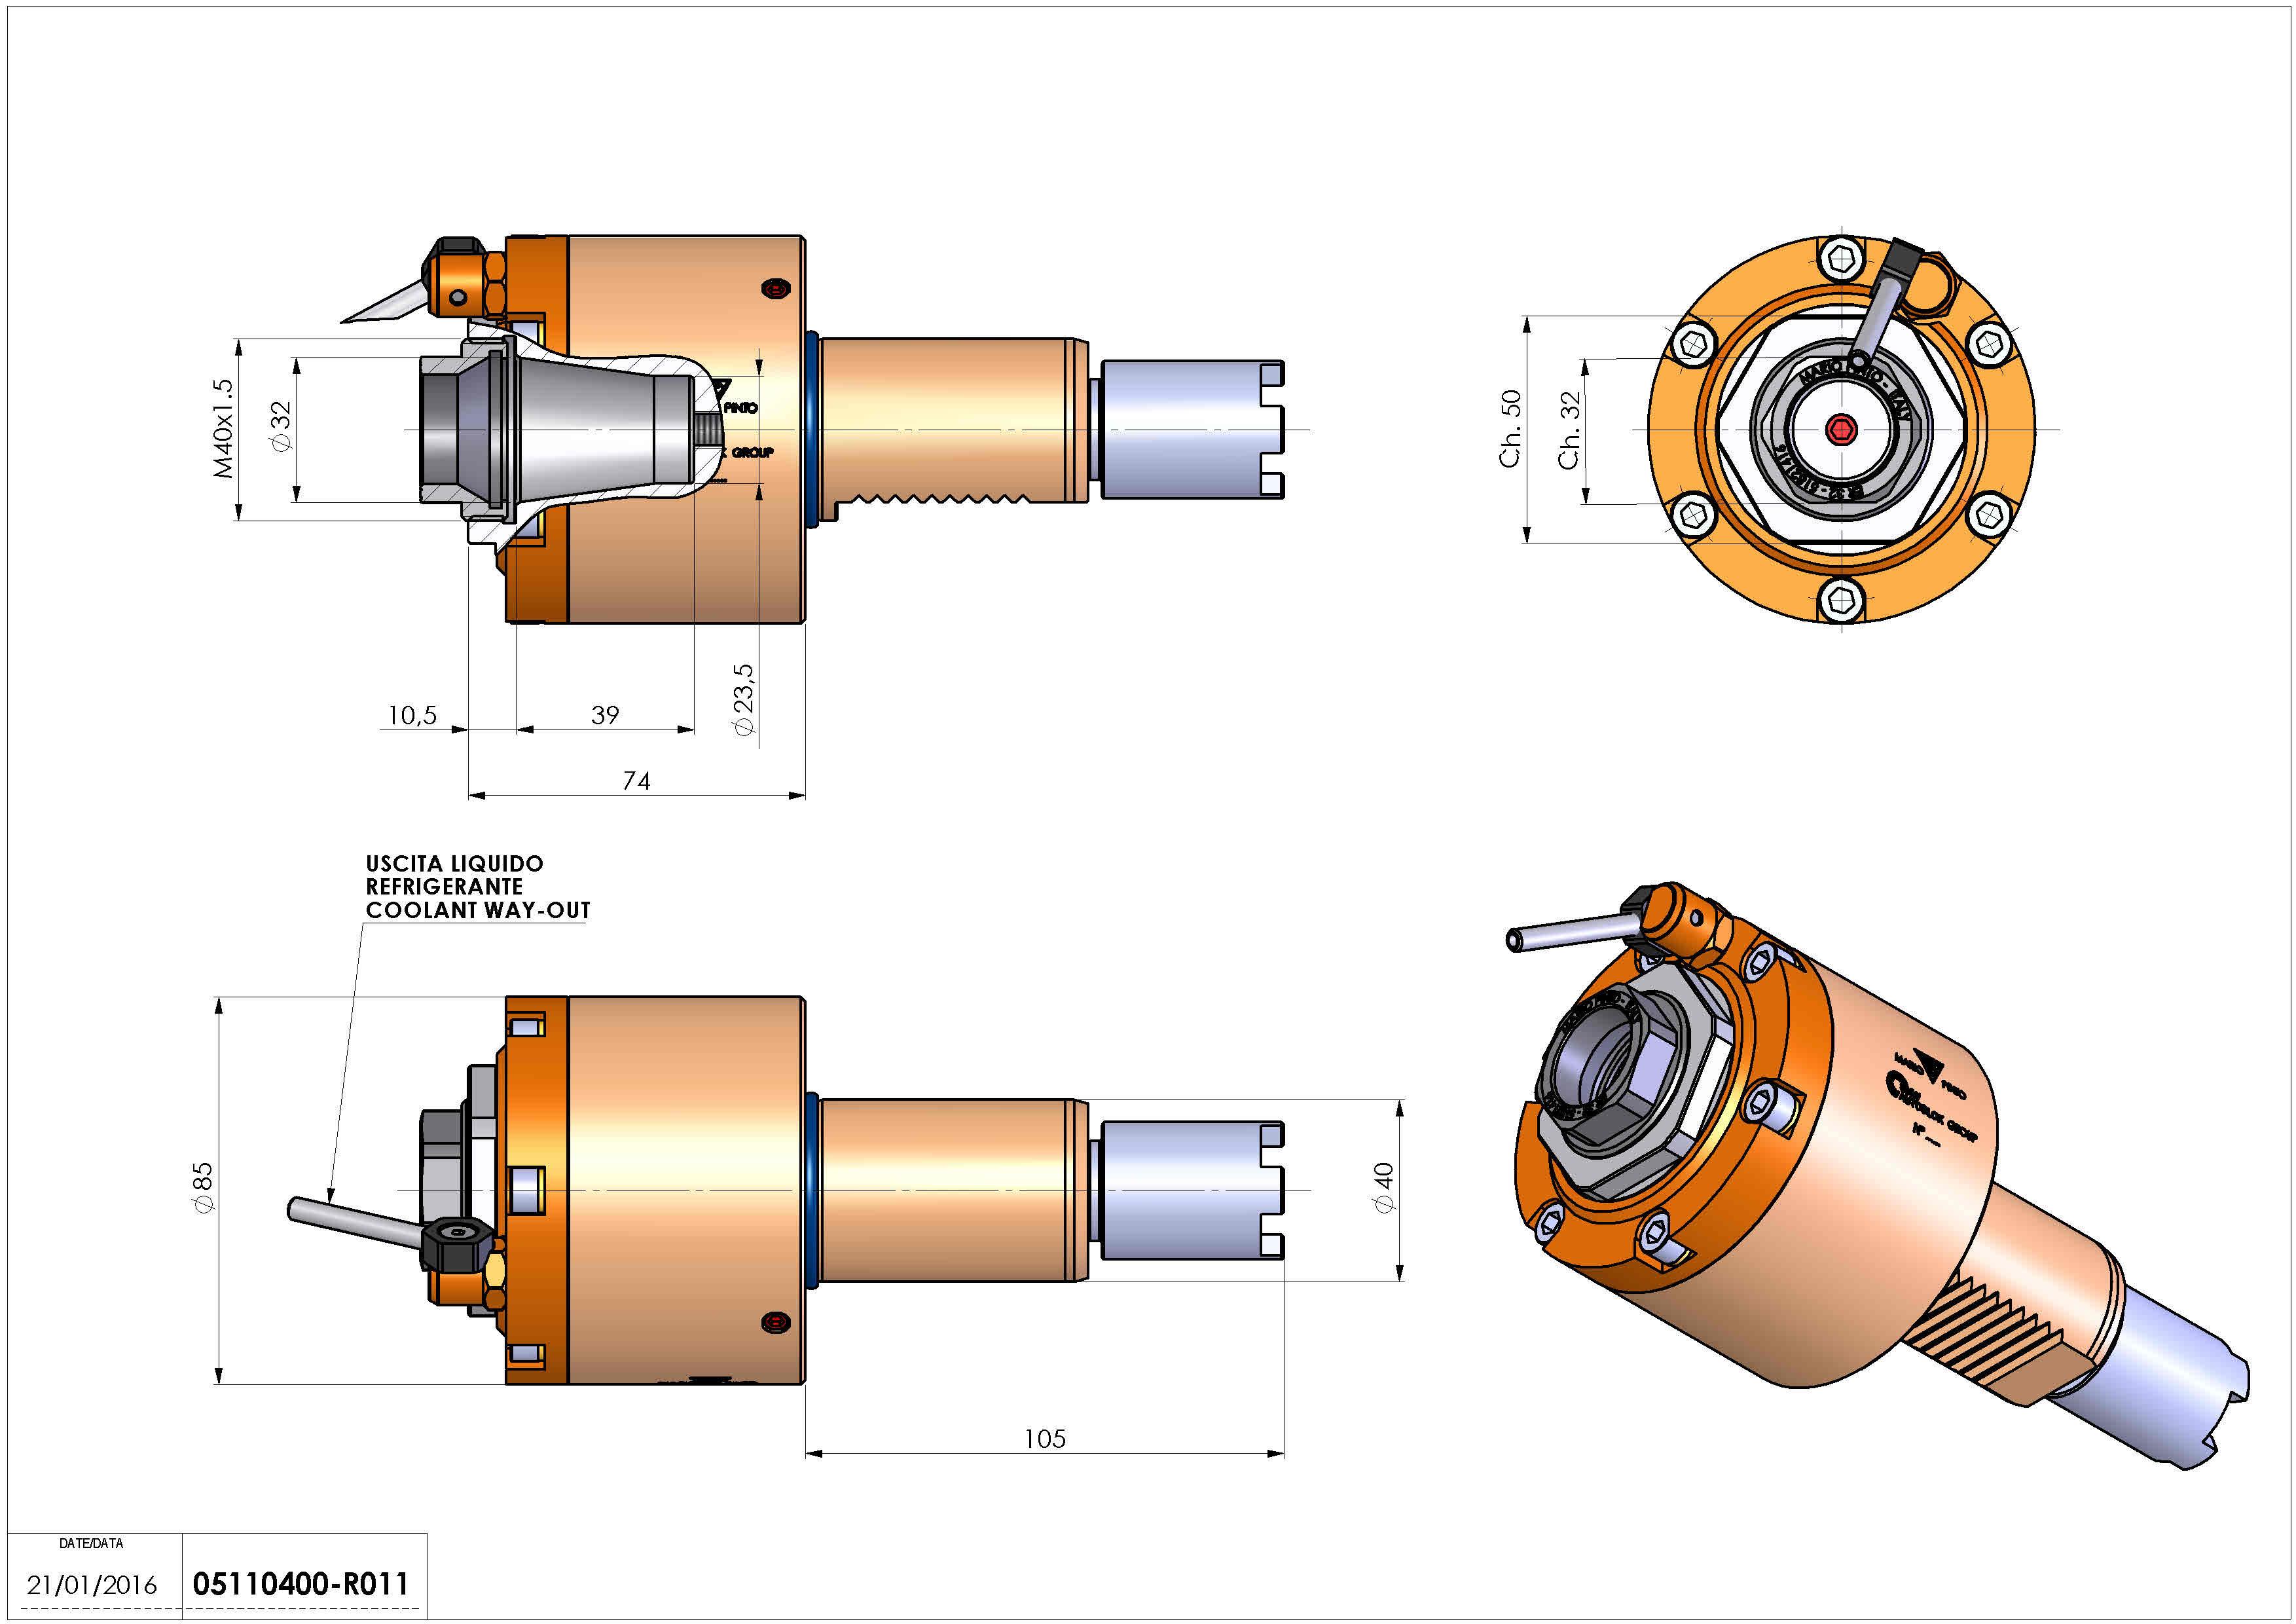 Technical image - LT-S VDI40 ER32F H74 105 HA.